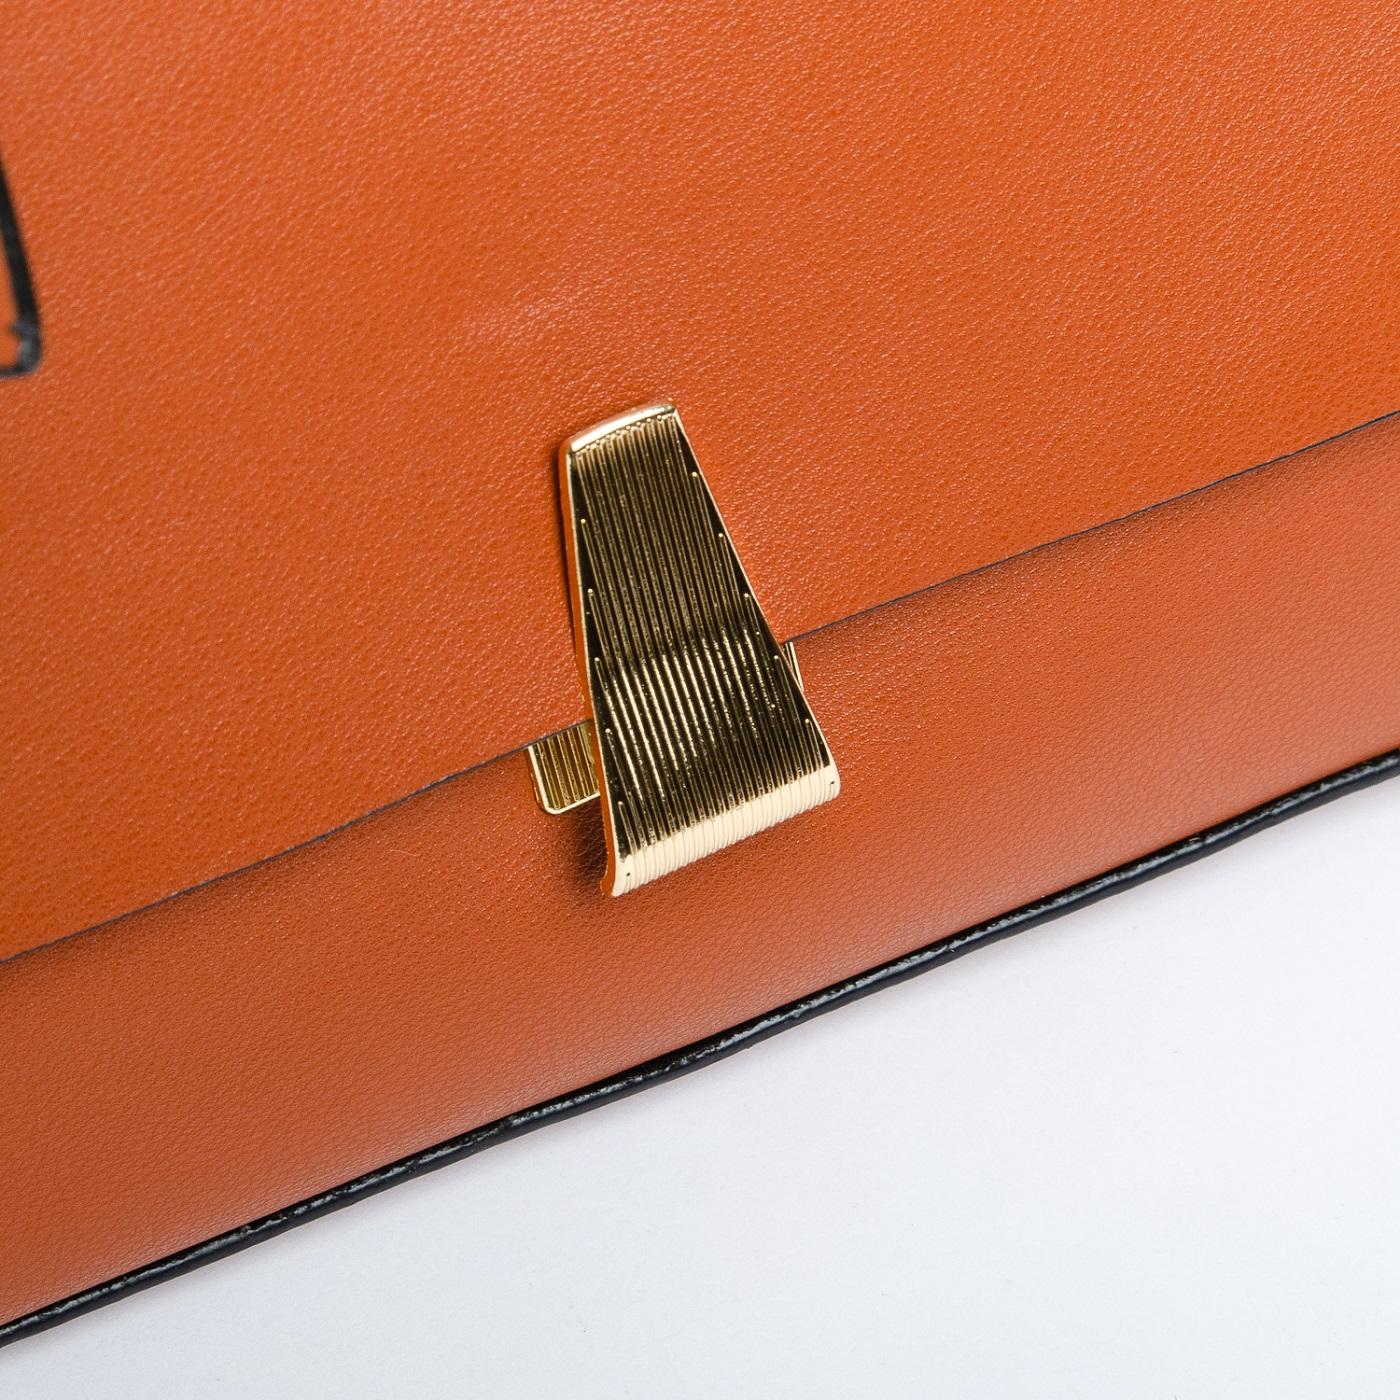 Сумка Женская Клатч иск-кожа FASHION 1-03 66027 brown - фото 4